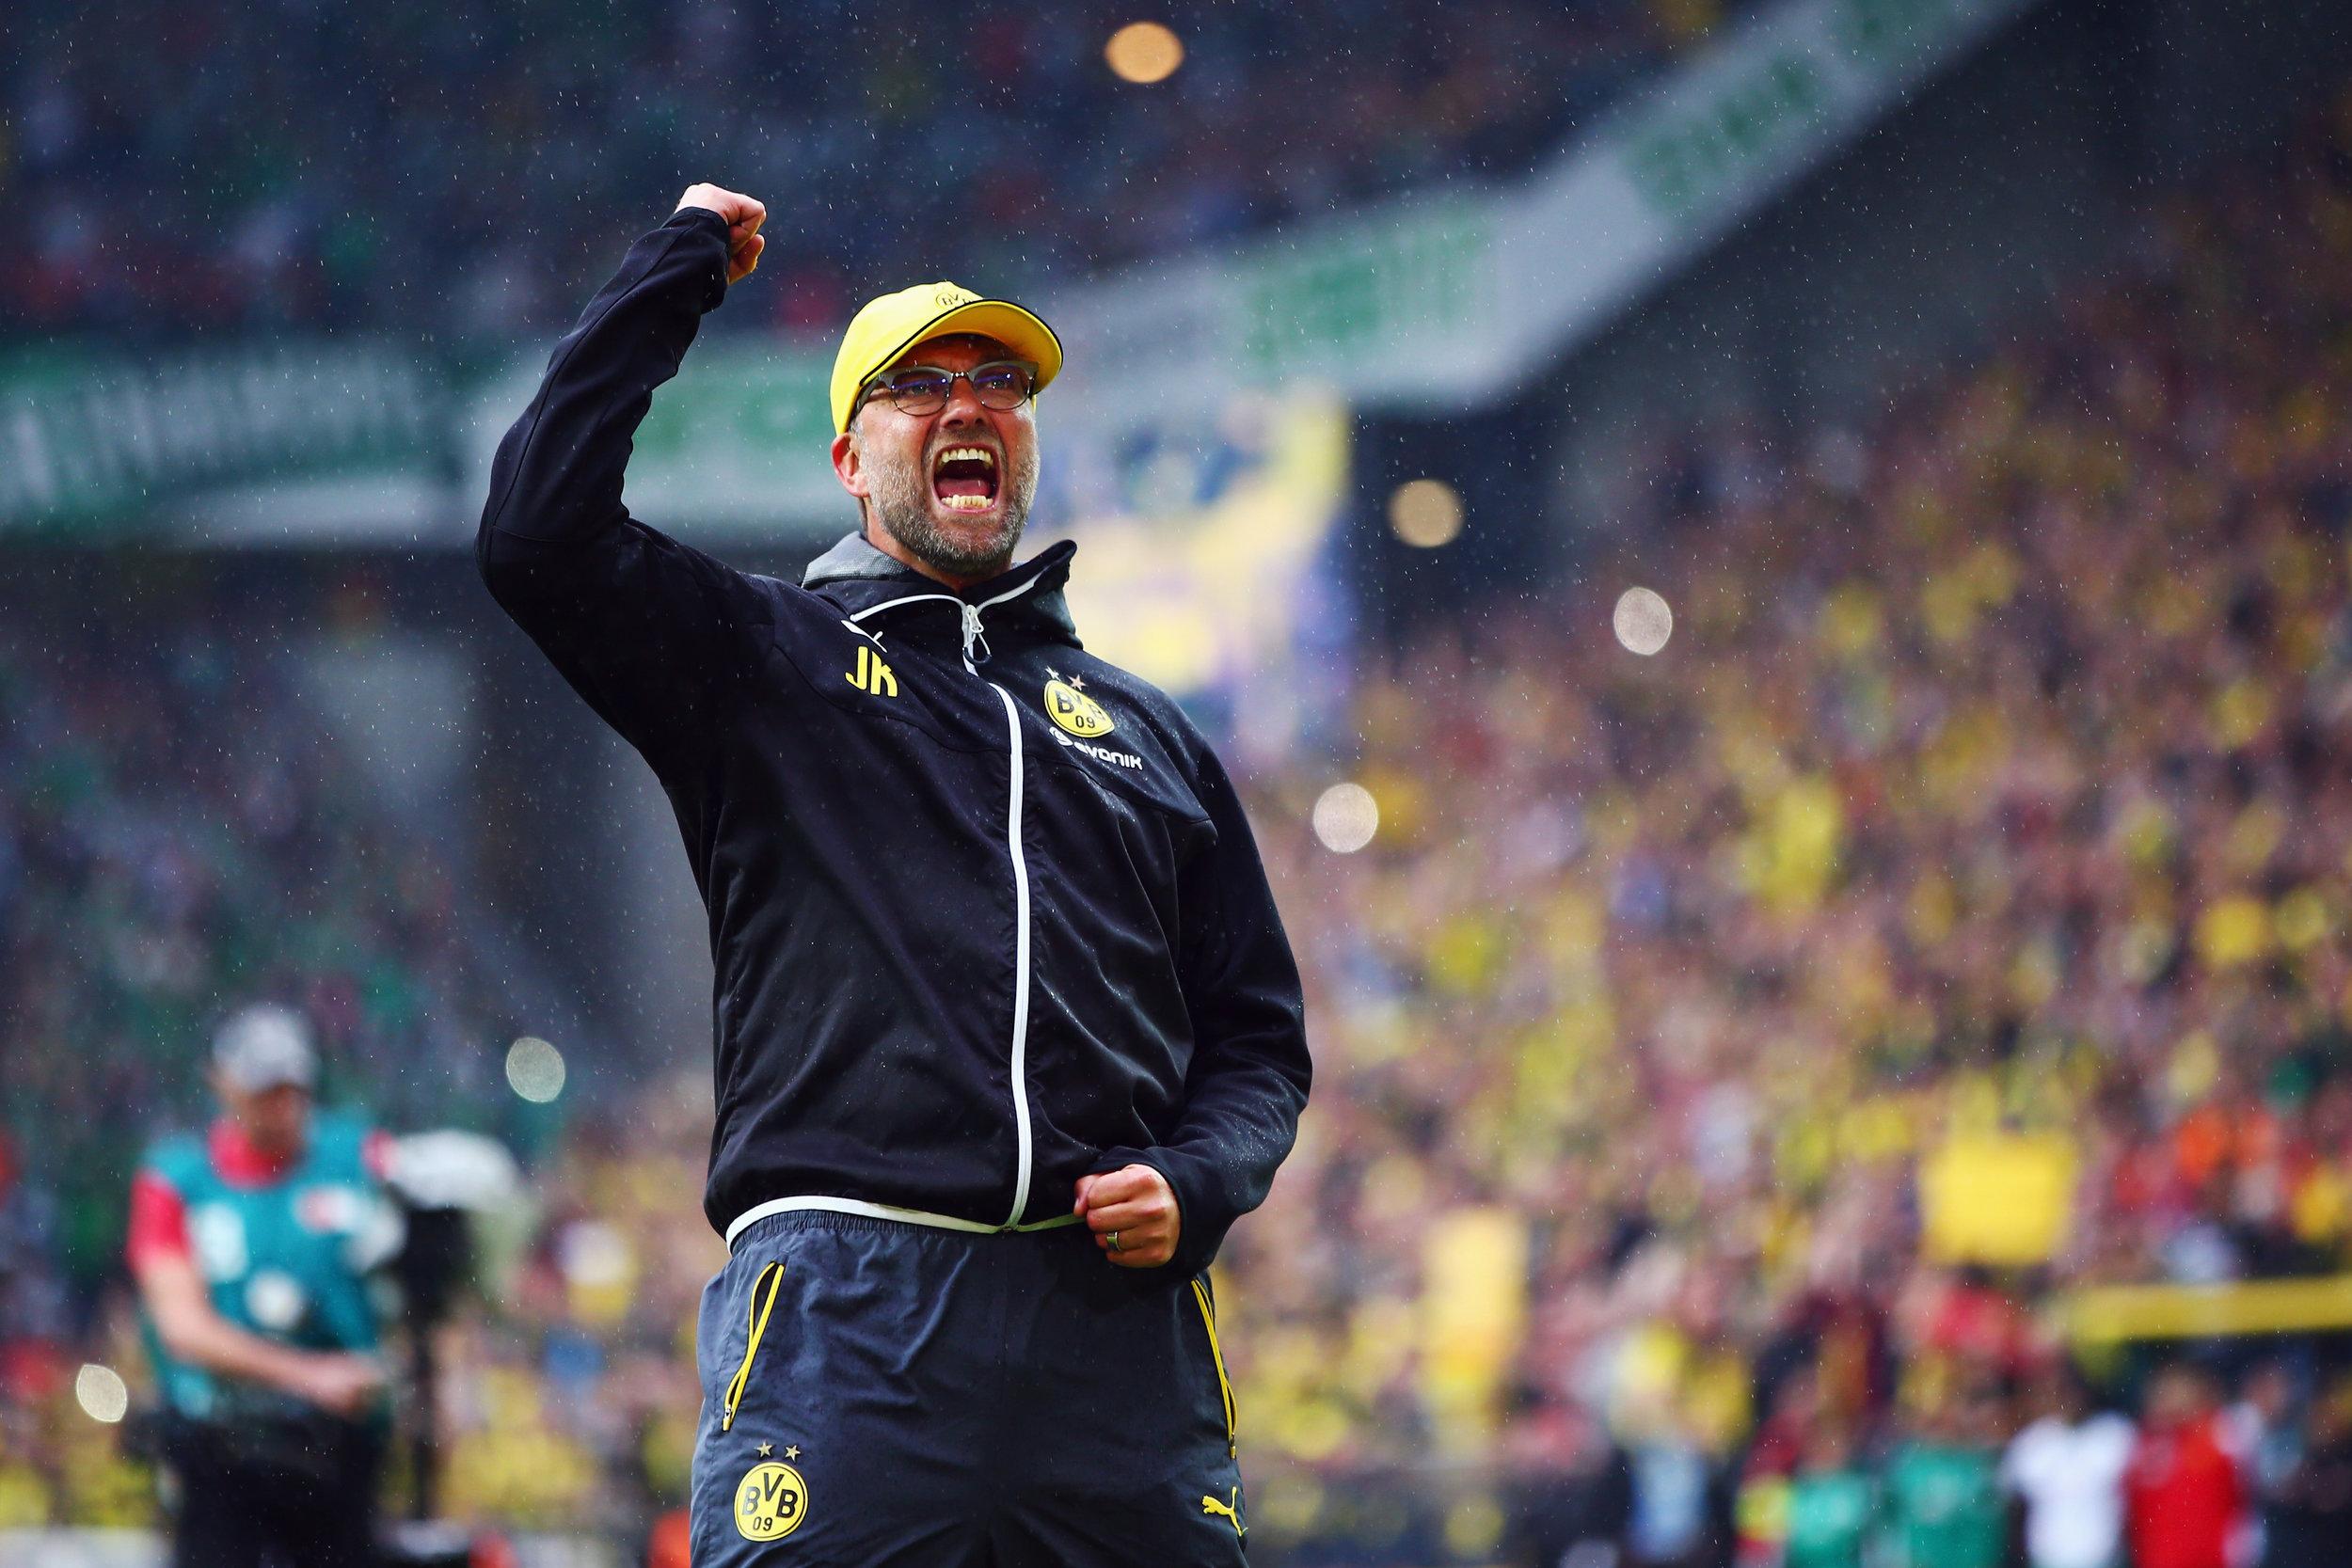 Jürgen Klopp med alt det, der definerede ham som træner. Foto: Getty Images/Alex Grimm